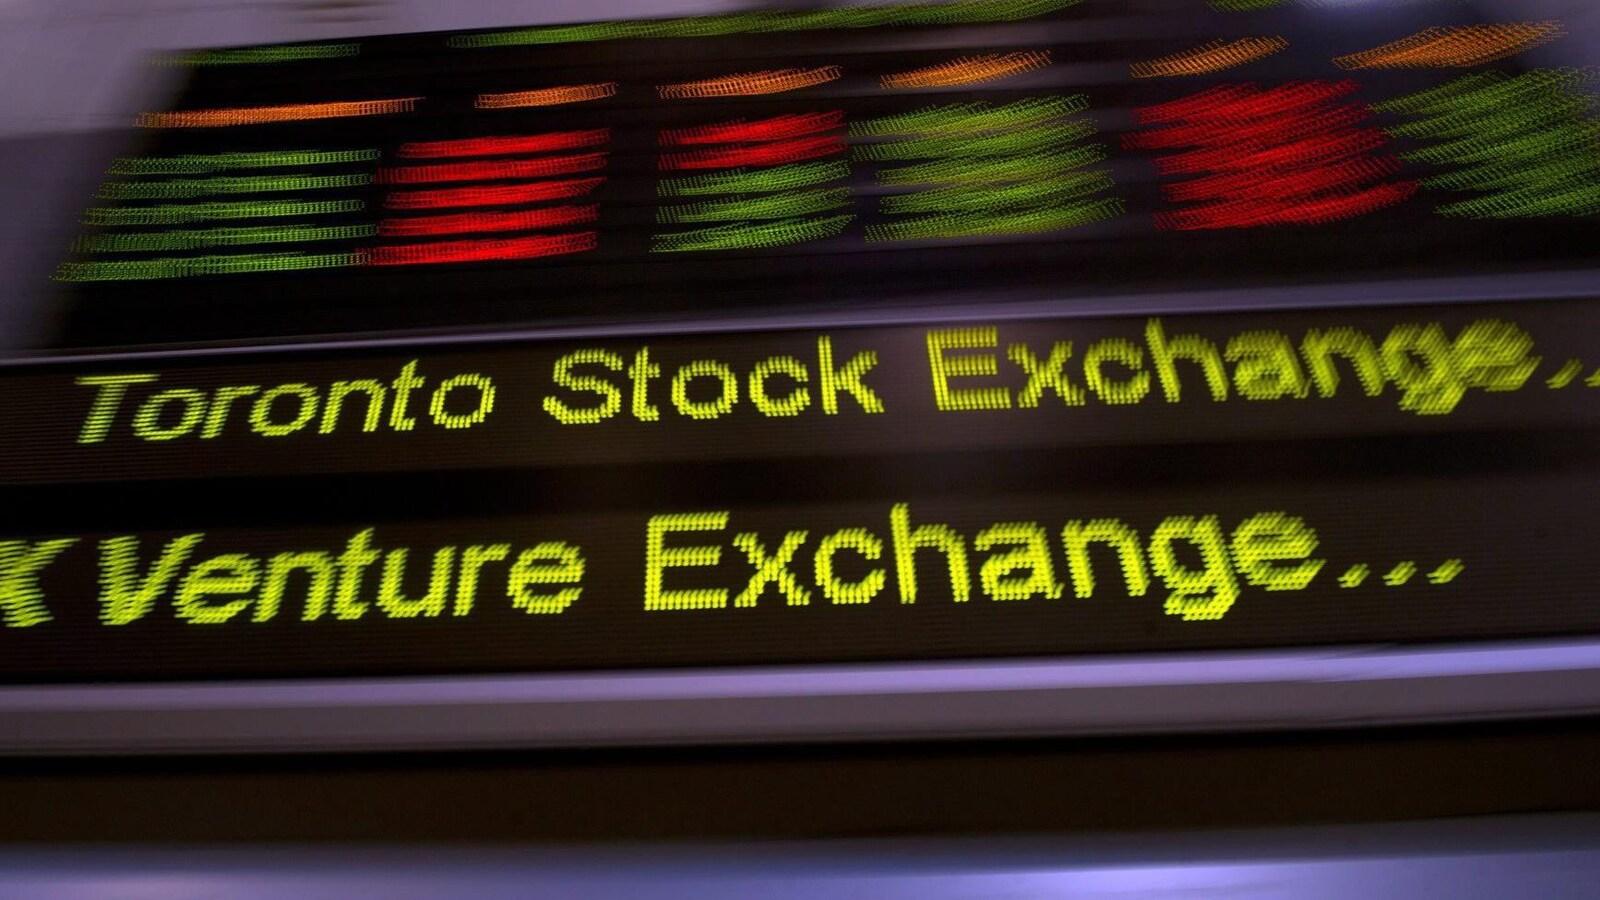 Une bande défilante où on voit les mots « Toronto Stock Exchange »